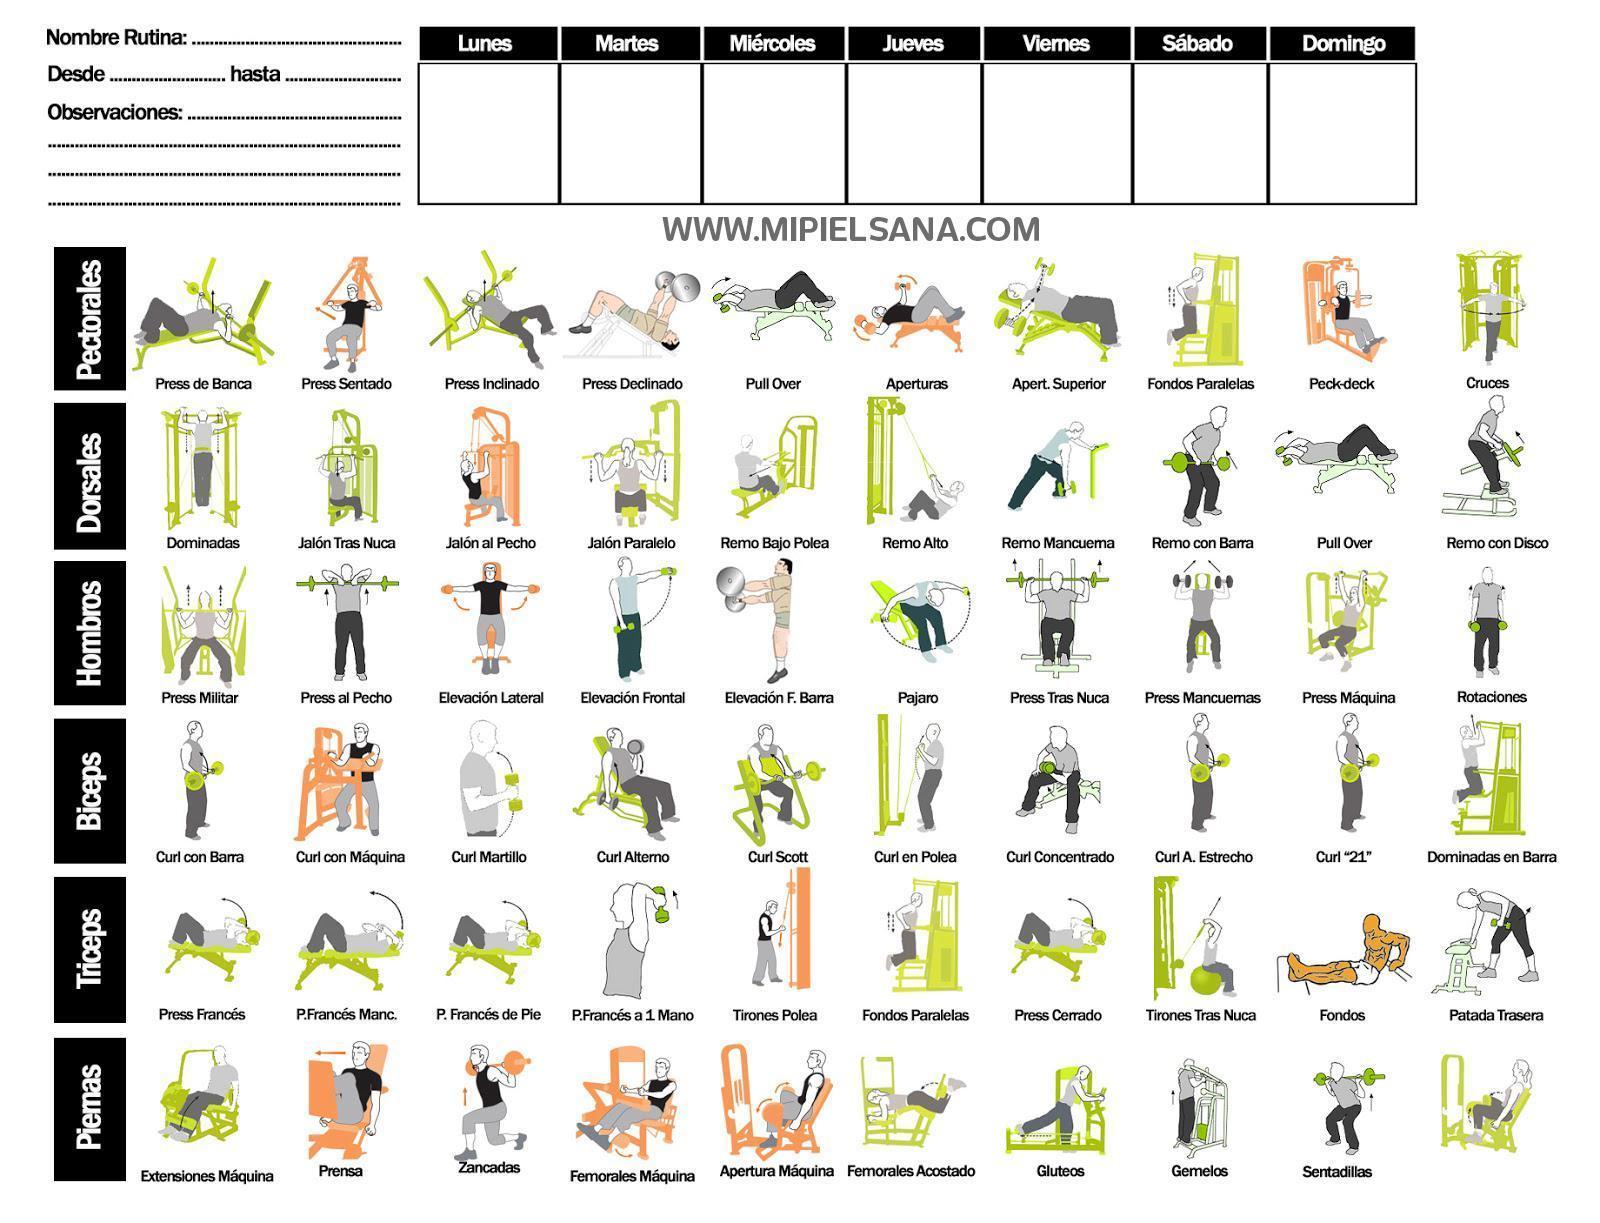 formato de tabla para crear tu propia rutina de gimnasio